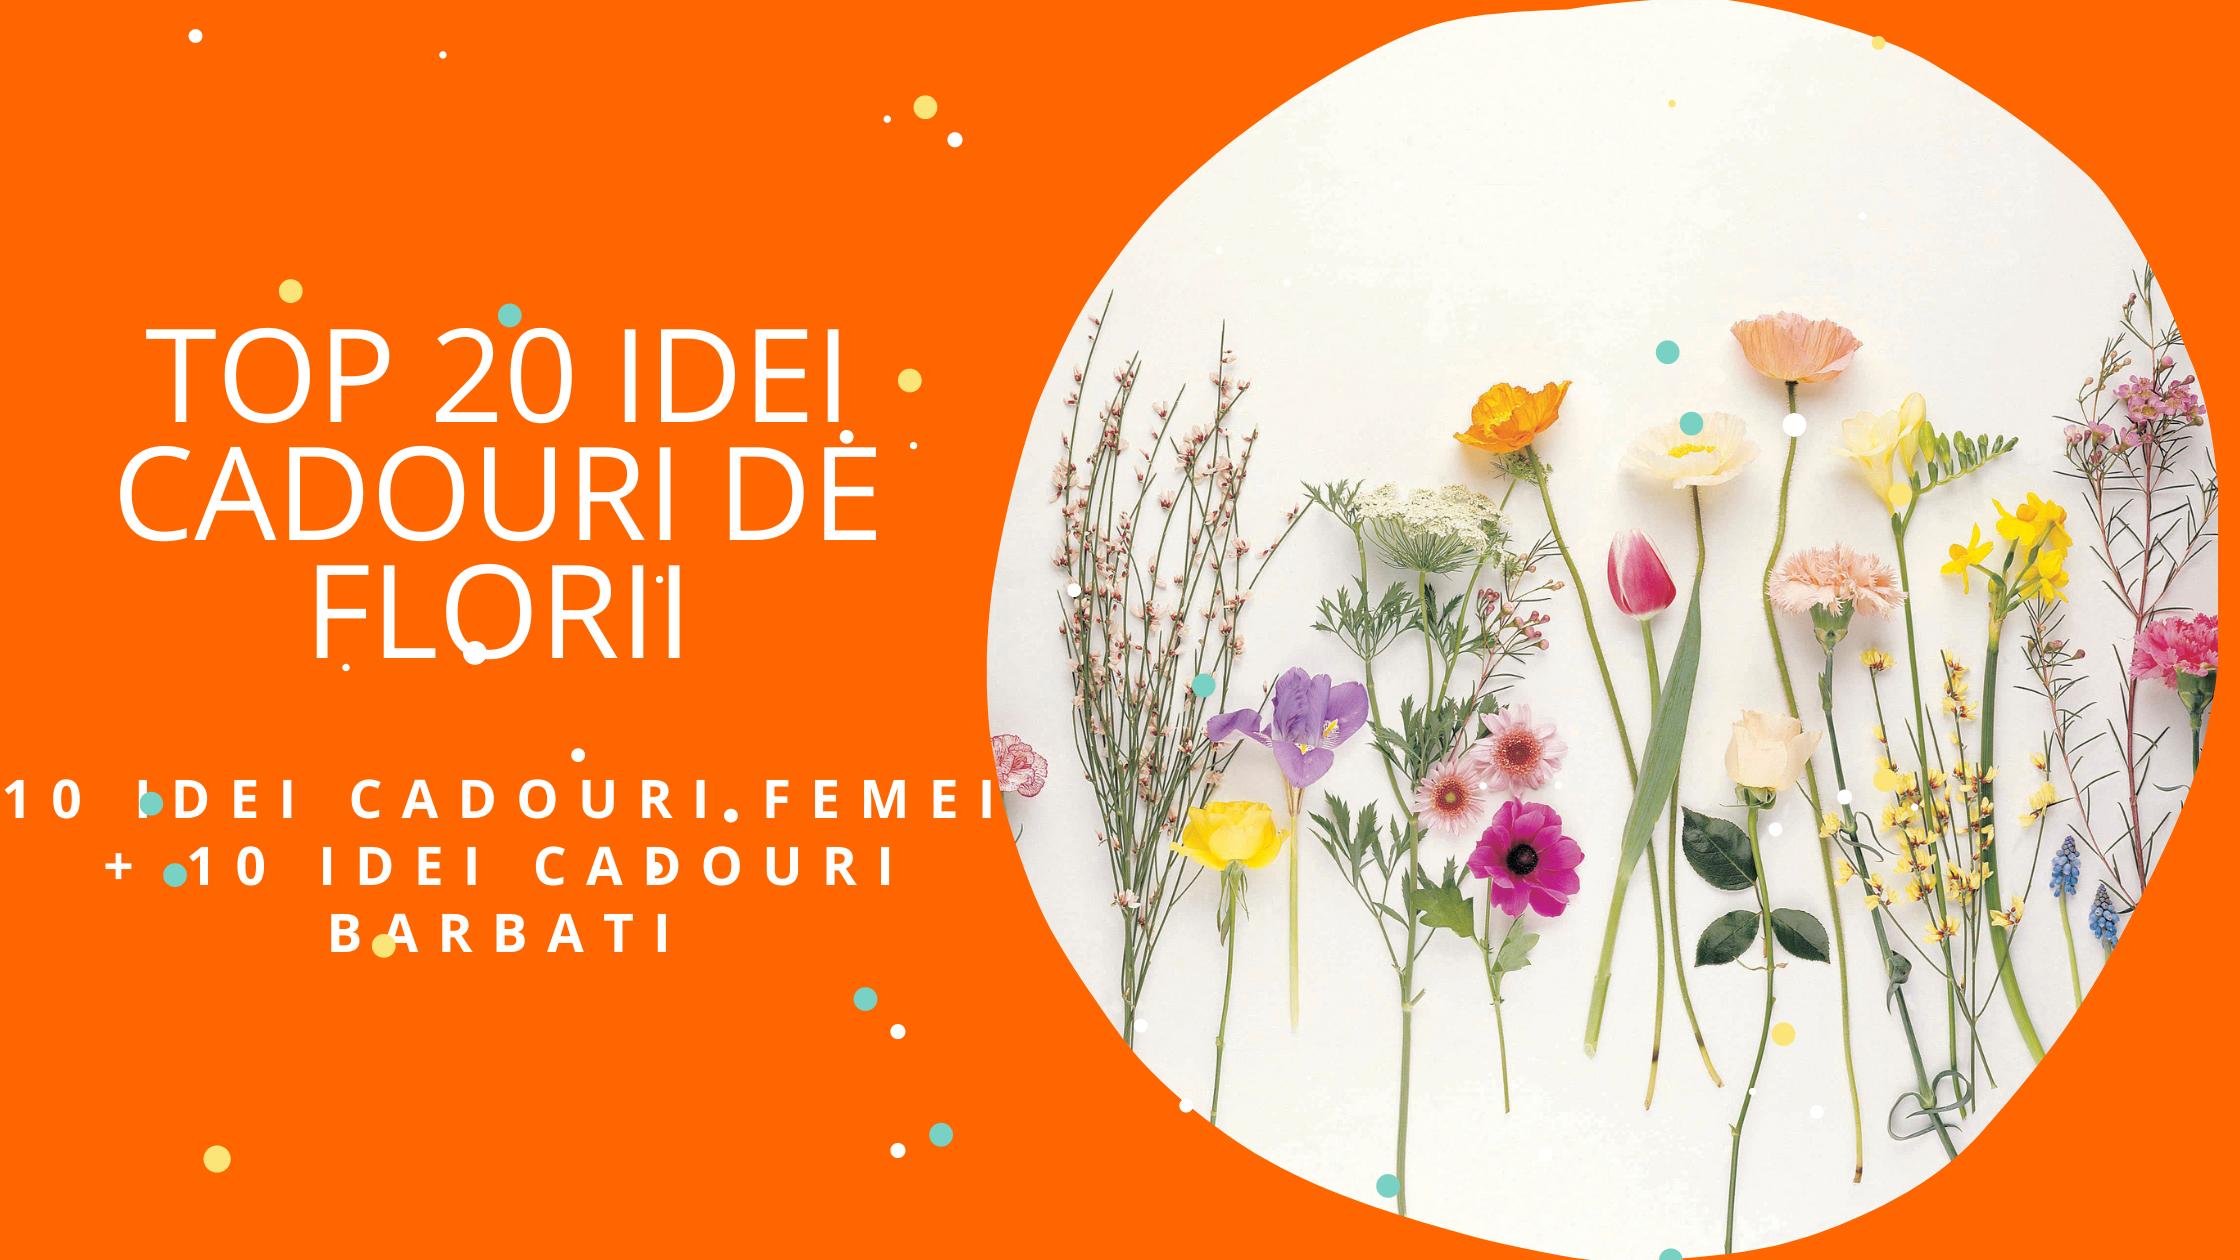 TOP 20 IDEI Cadouri de Florii pentru cei cu nume de floare